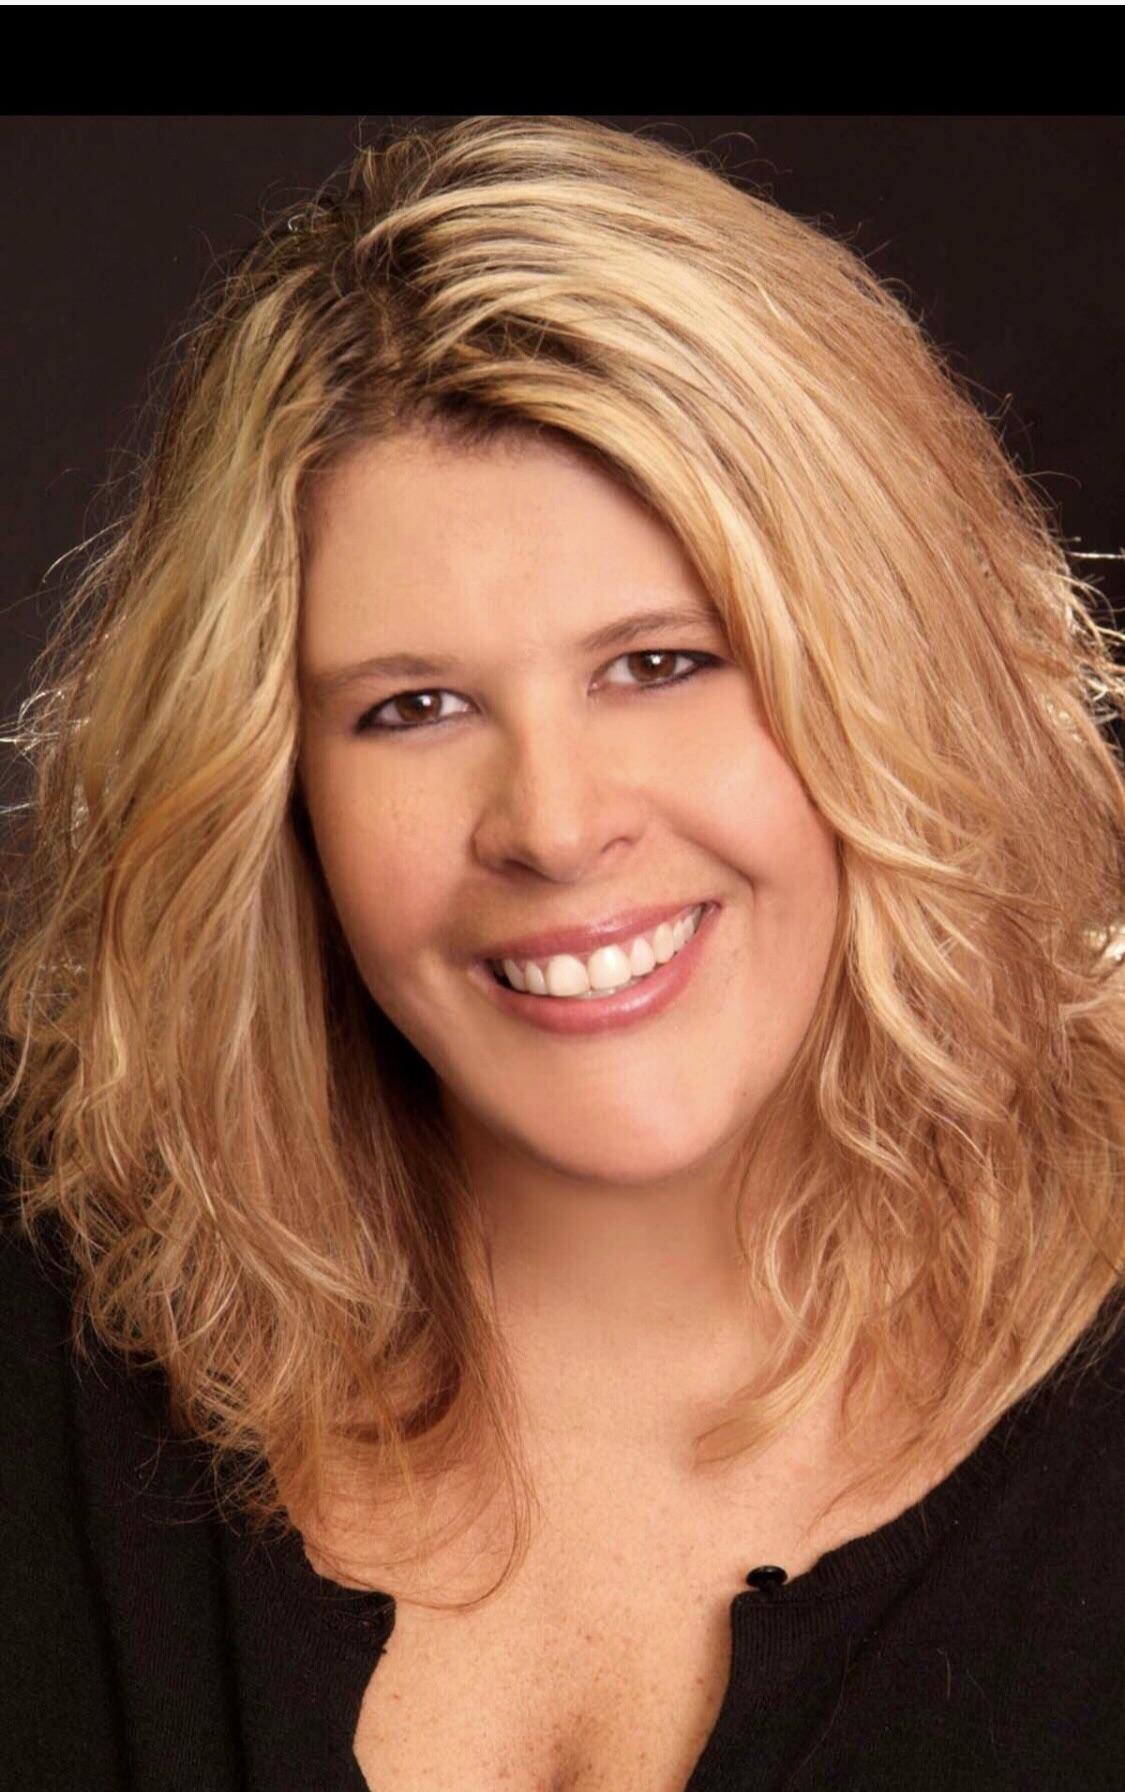 Lora Reynolds